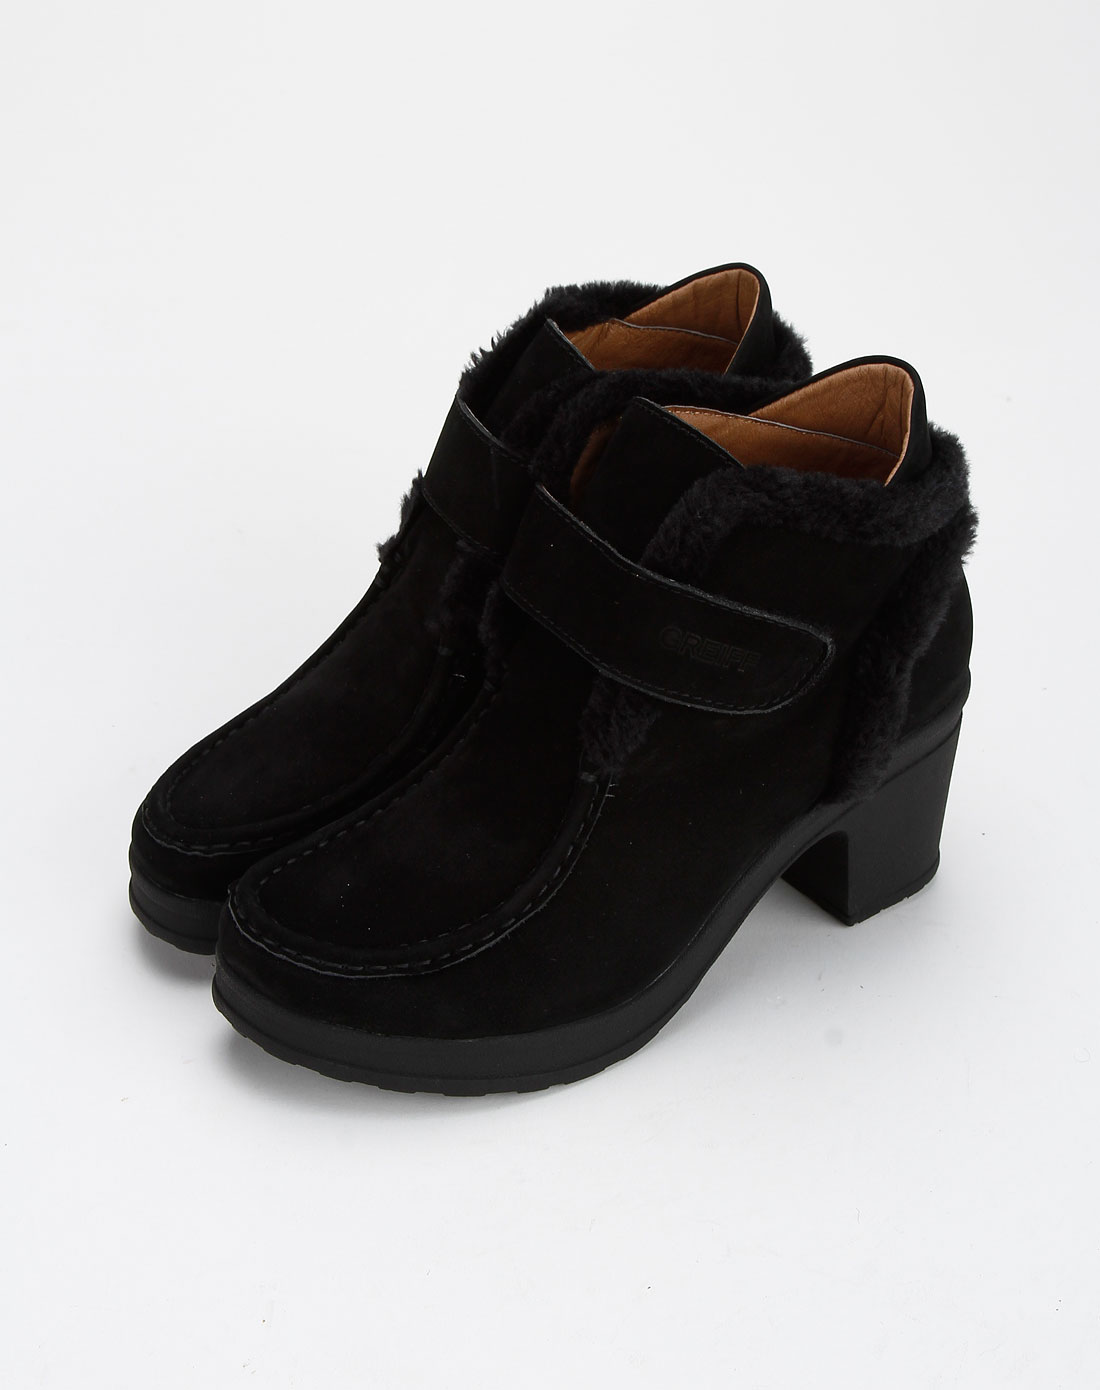 哥雷夫女款黑色休闲皮鞋